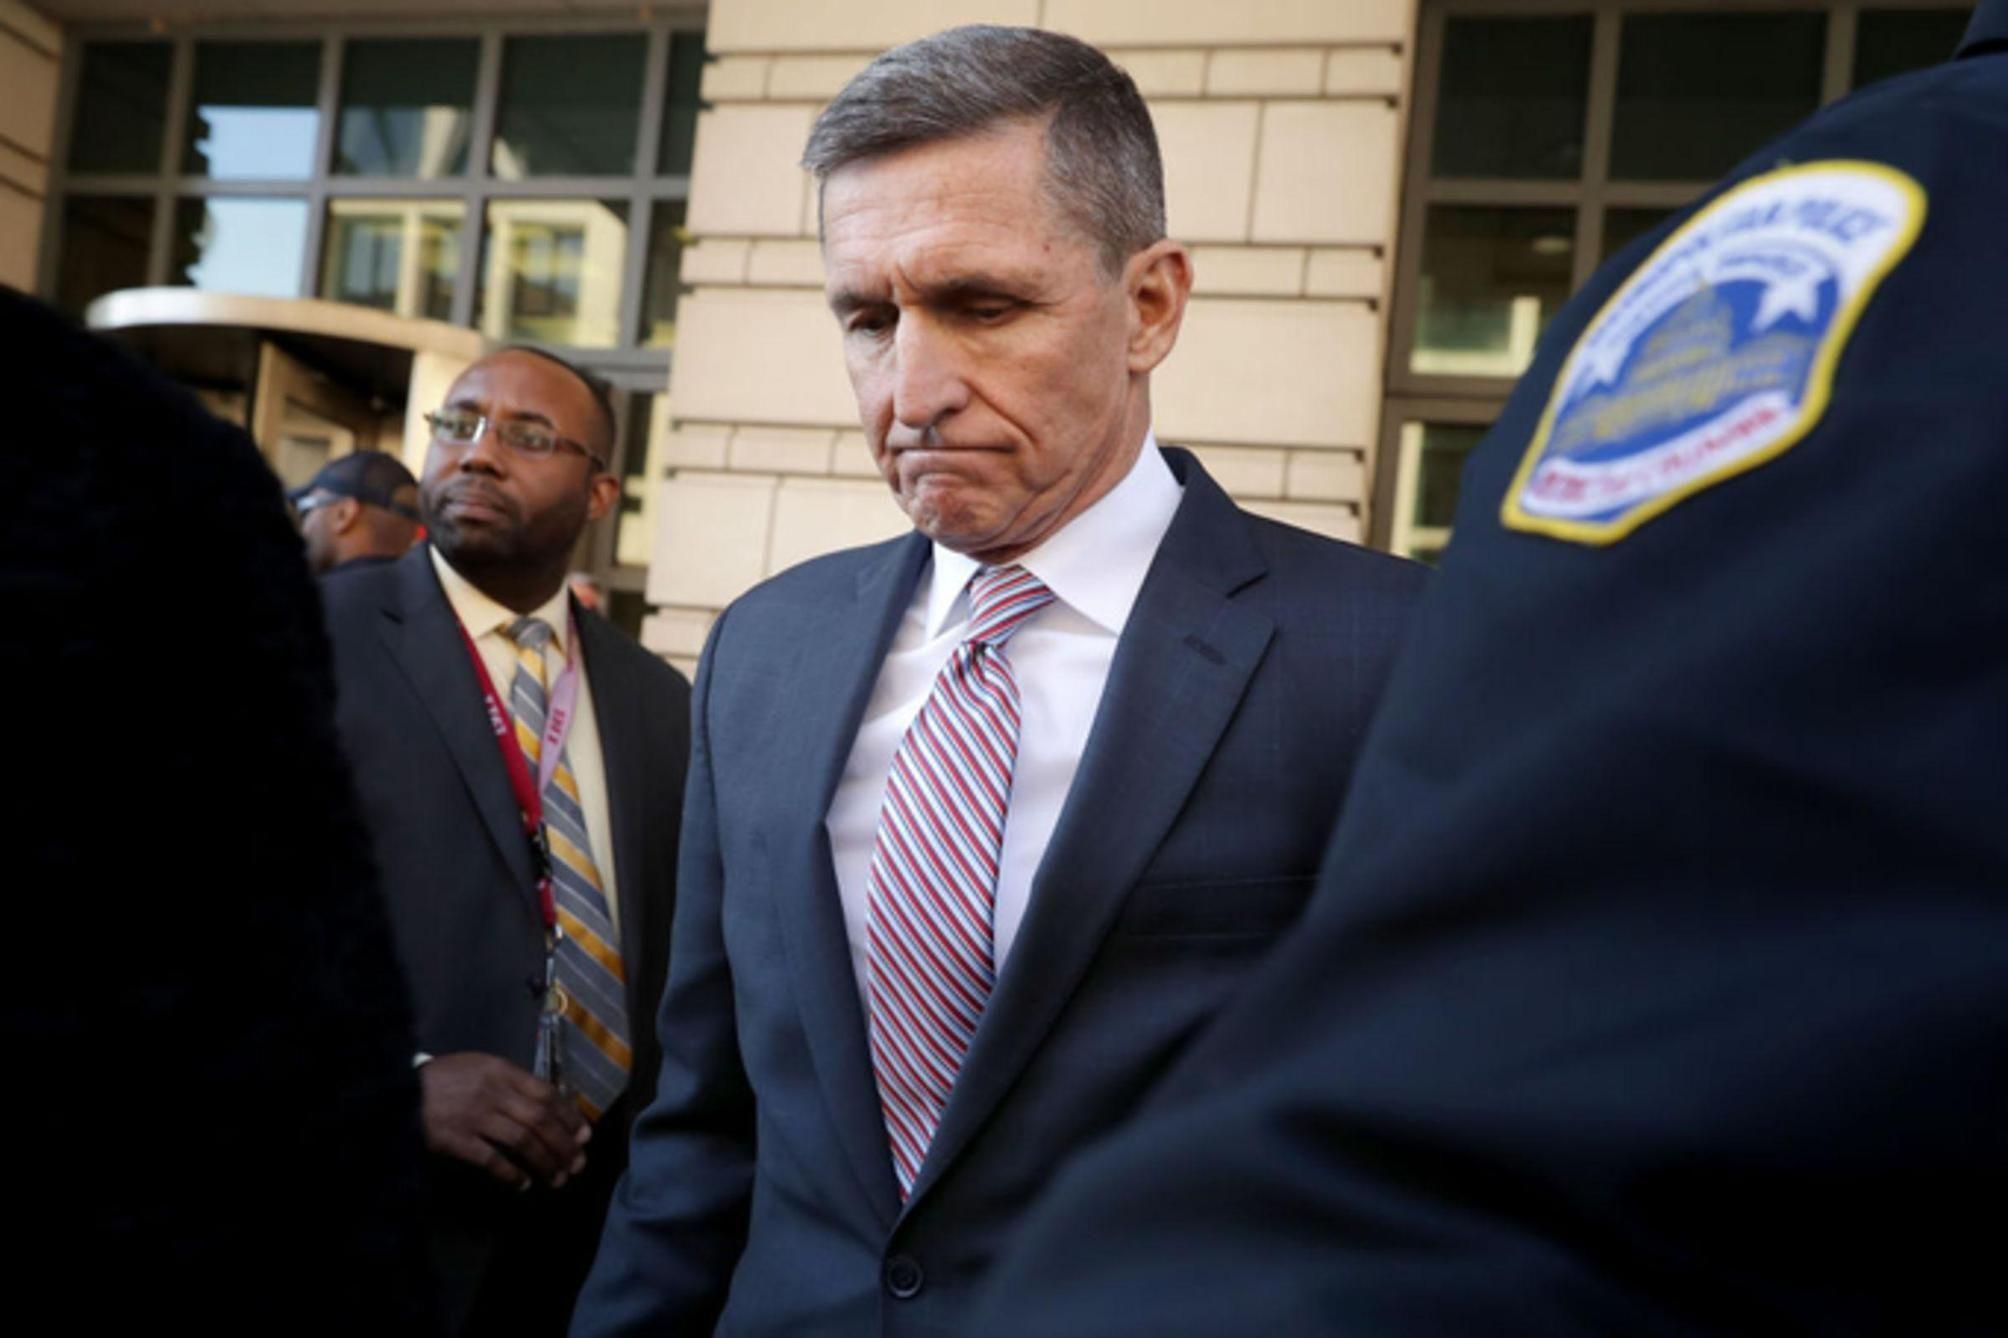 Michael Flynn pleads guilty